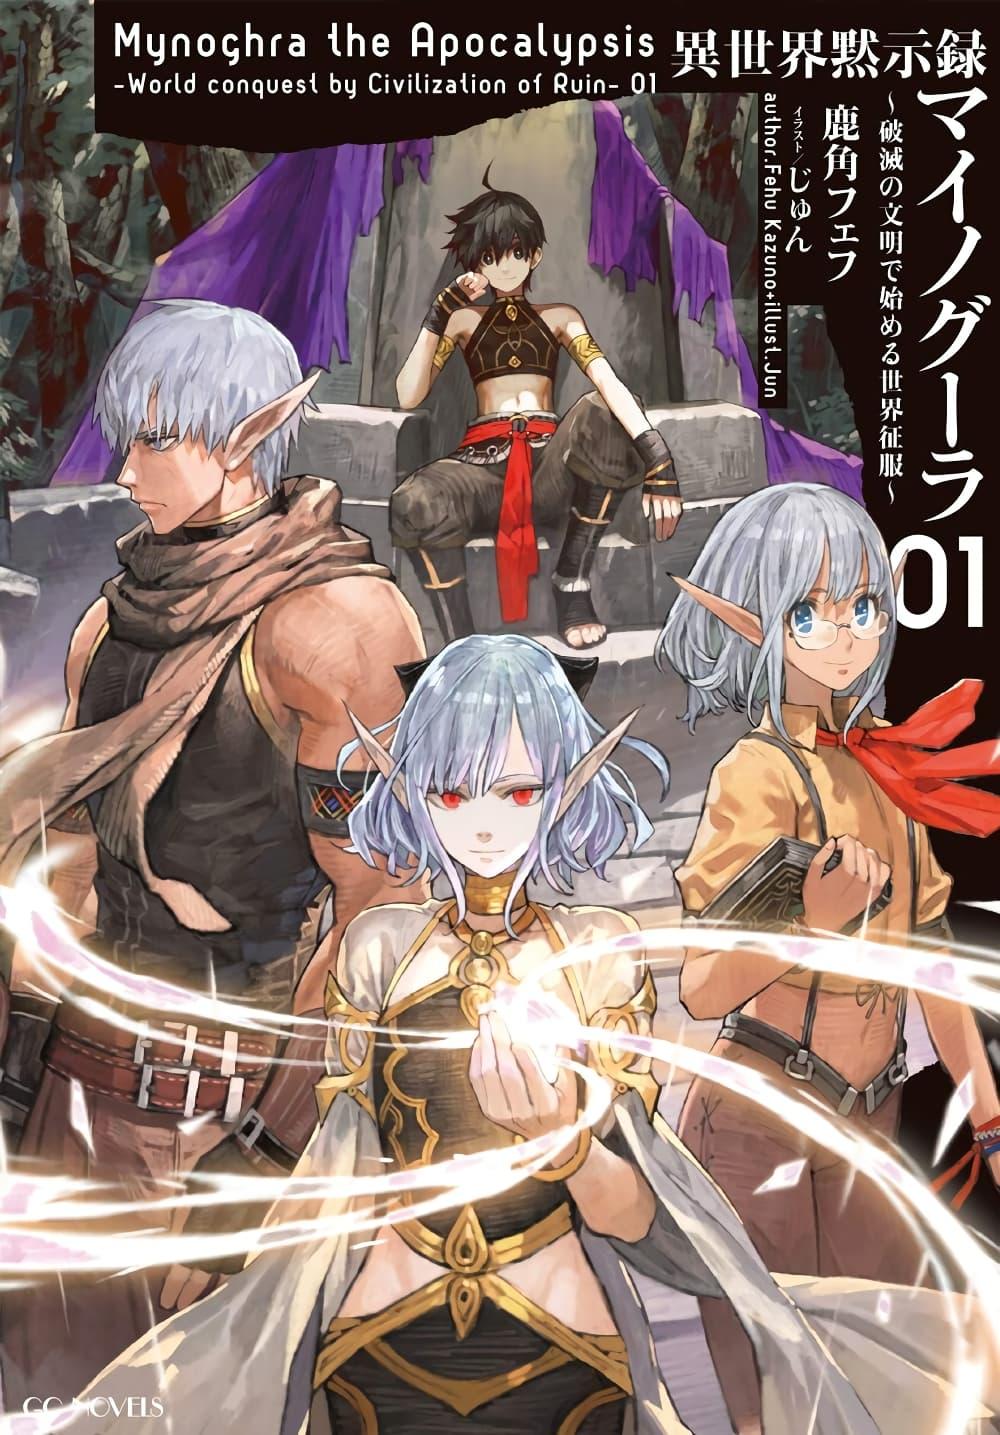 อ่านการ์ตูน Isekai Apocalypse MYNOGHRA ~The Conquest of the World Starts With the Civilization of Ruin~ ตอนที่ 1 หน้าที่ 1